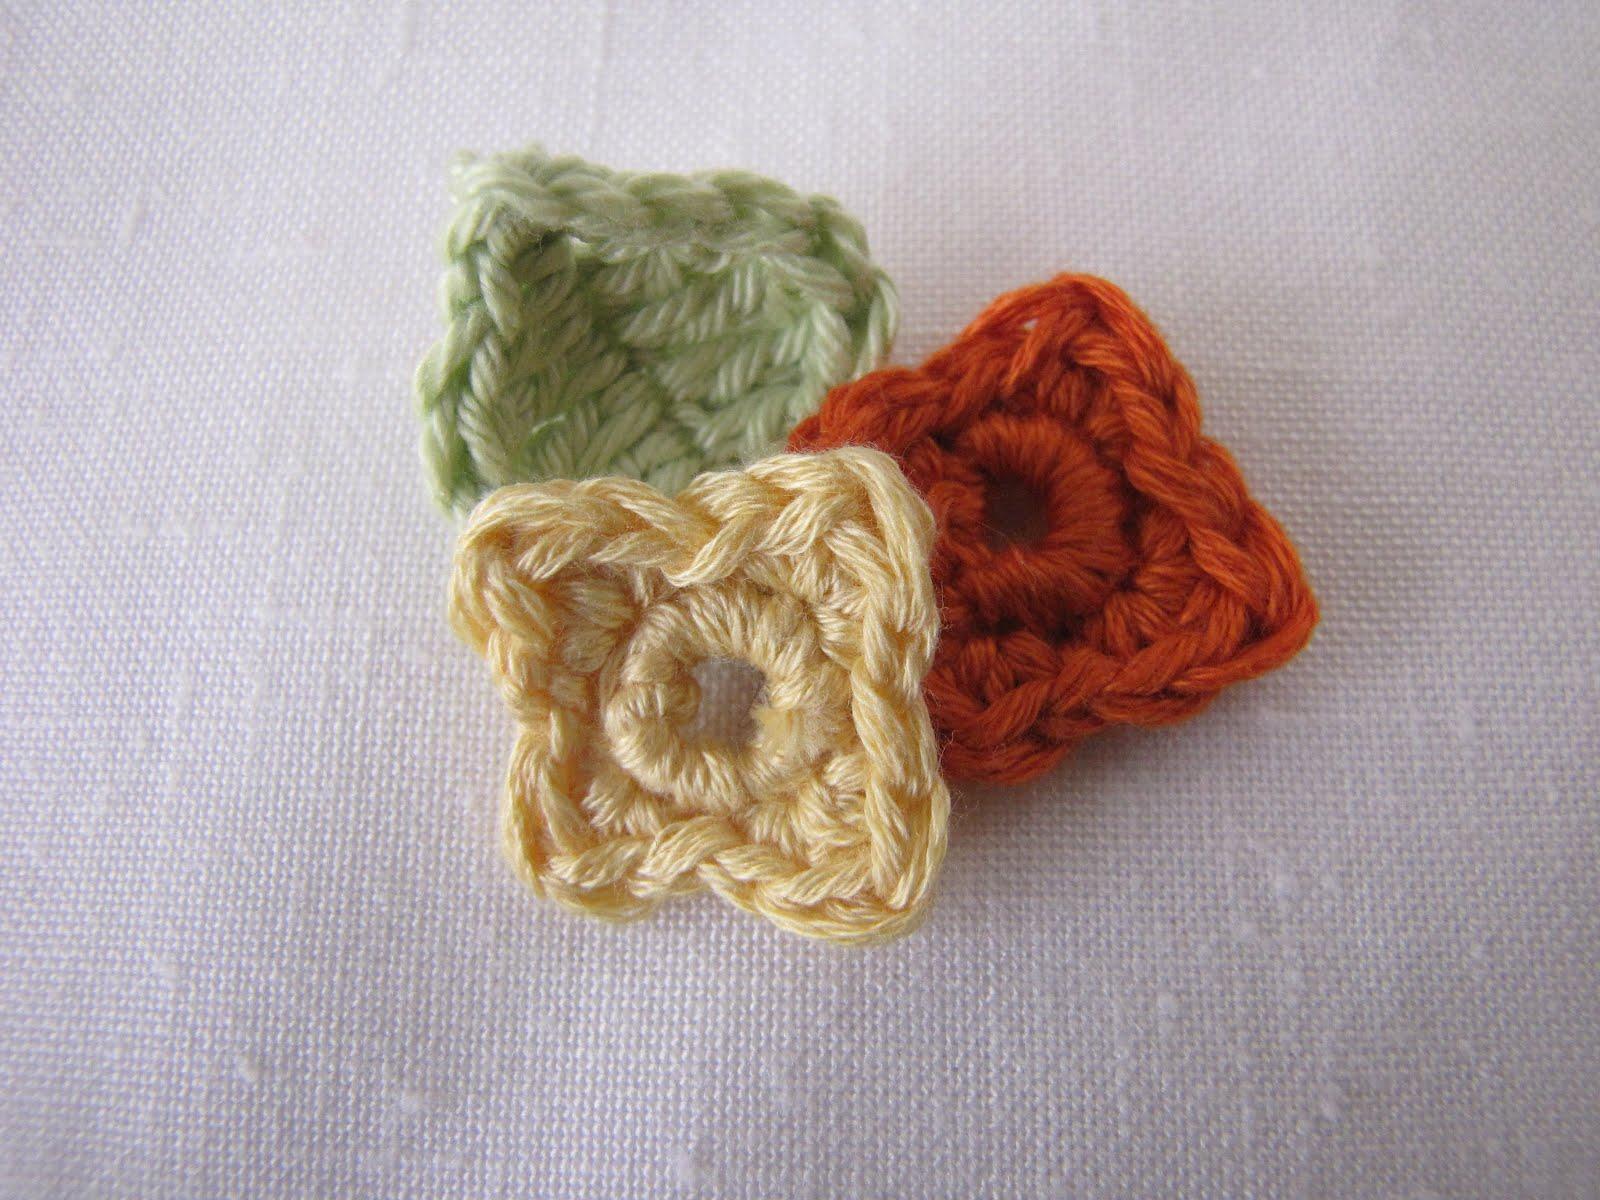 Mini crochet flower pattern manet for little treasures mini crochet flower and leaf pattern bankloansurffo Images